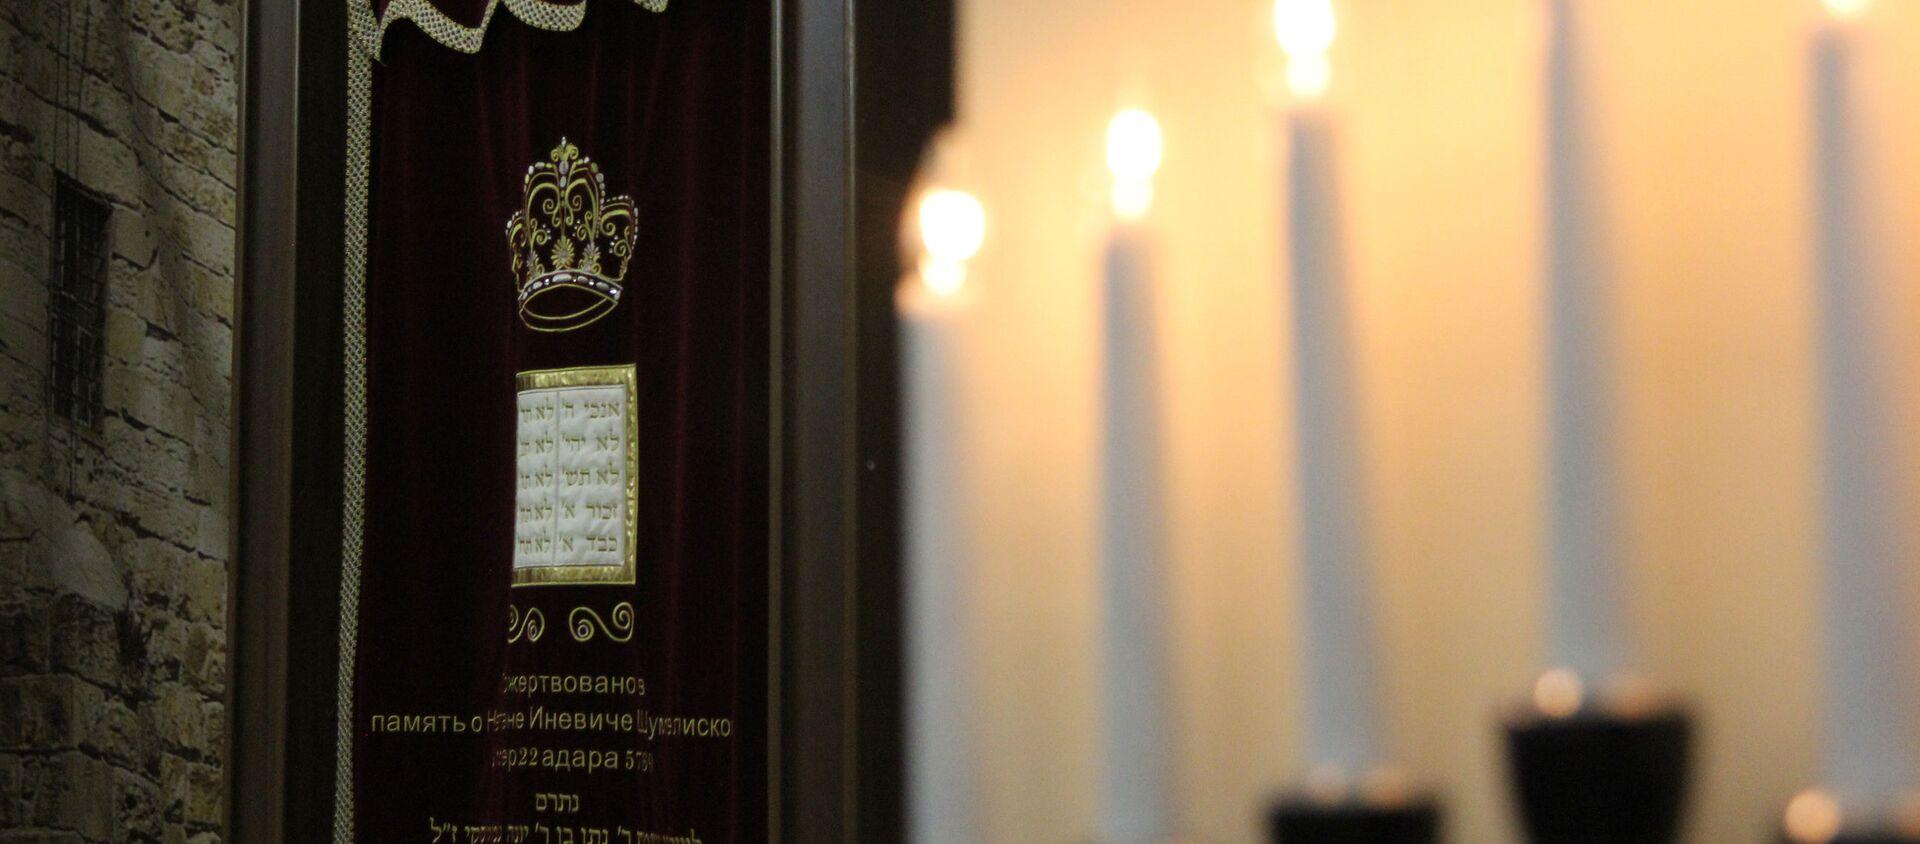 Арон а-кодеш – святой шкаф, в котором хранится свиток Торы. Этот новый ковчег для Писания установили вместо утраченного высотой семь метров. - Sputnik Беларусь, 1920, 30.07.2020